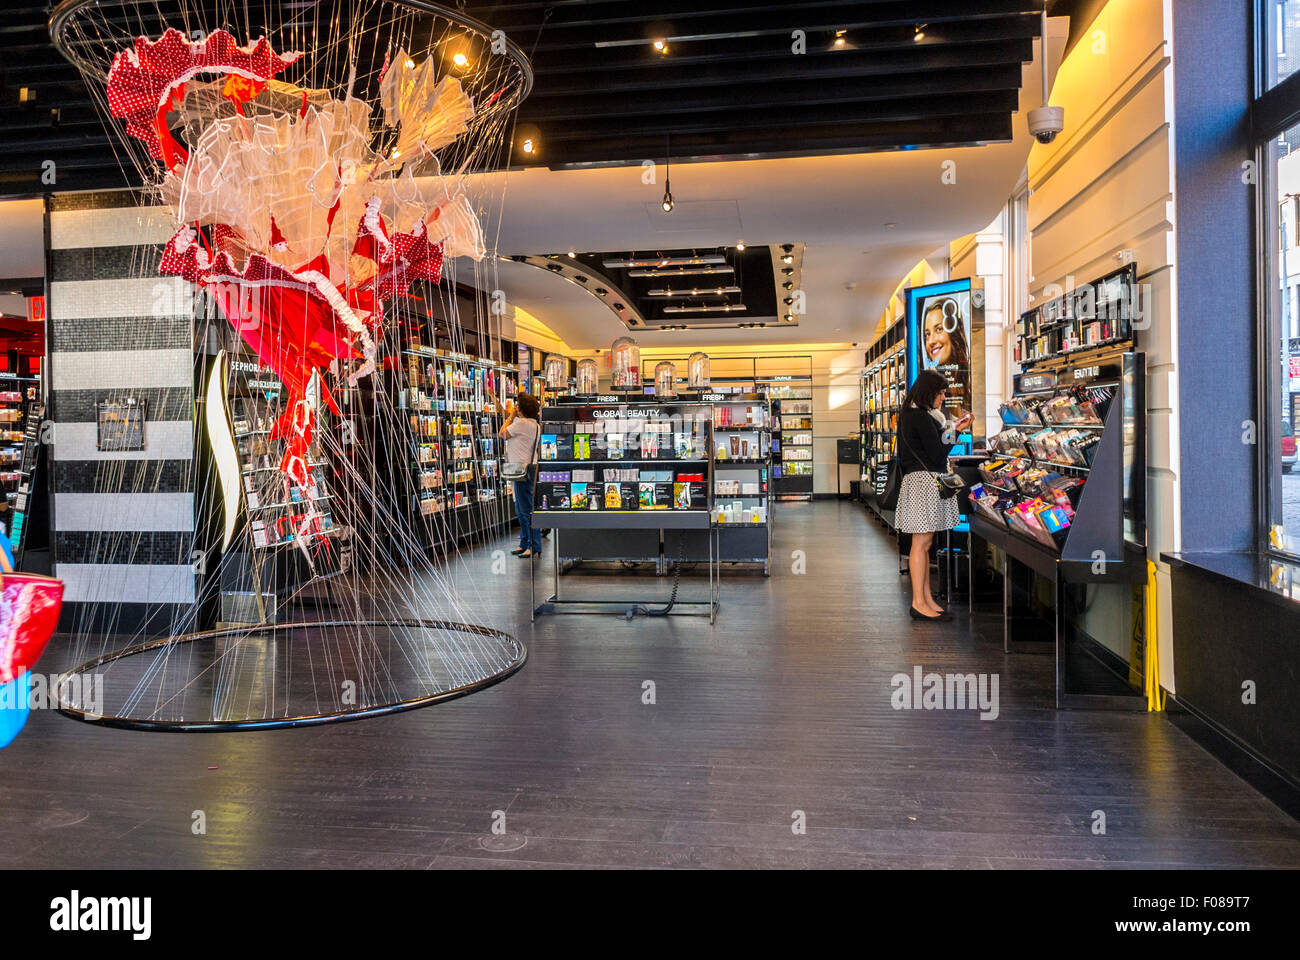 La città di New York, Stati Uniti d'America, Confezionamento carne distretto, People Shopping nel Negozio Immagini Stock